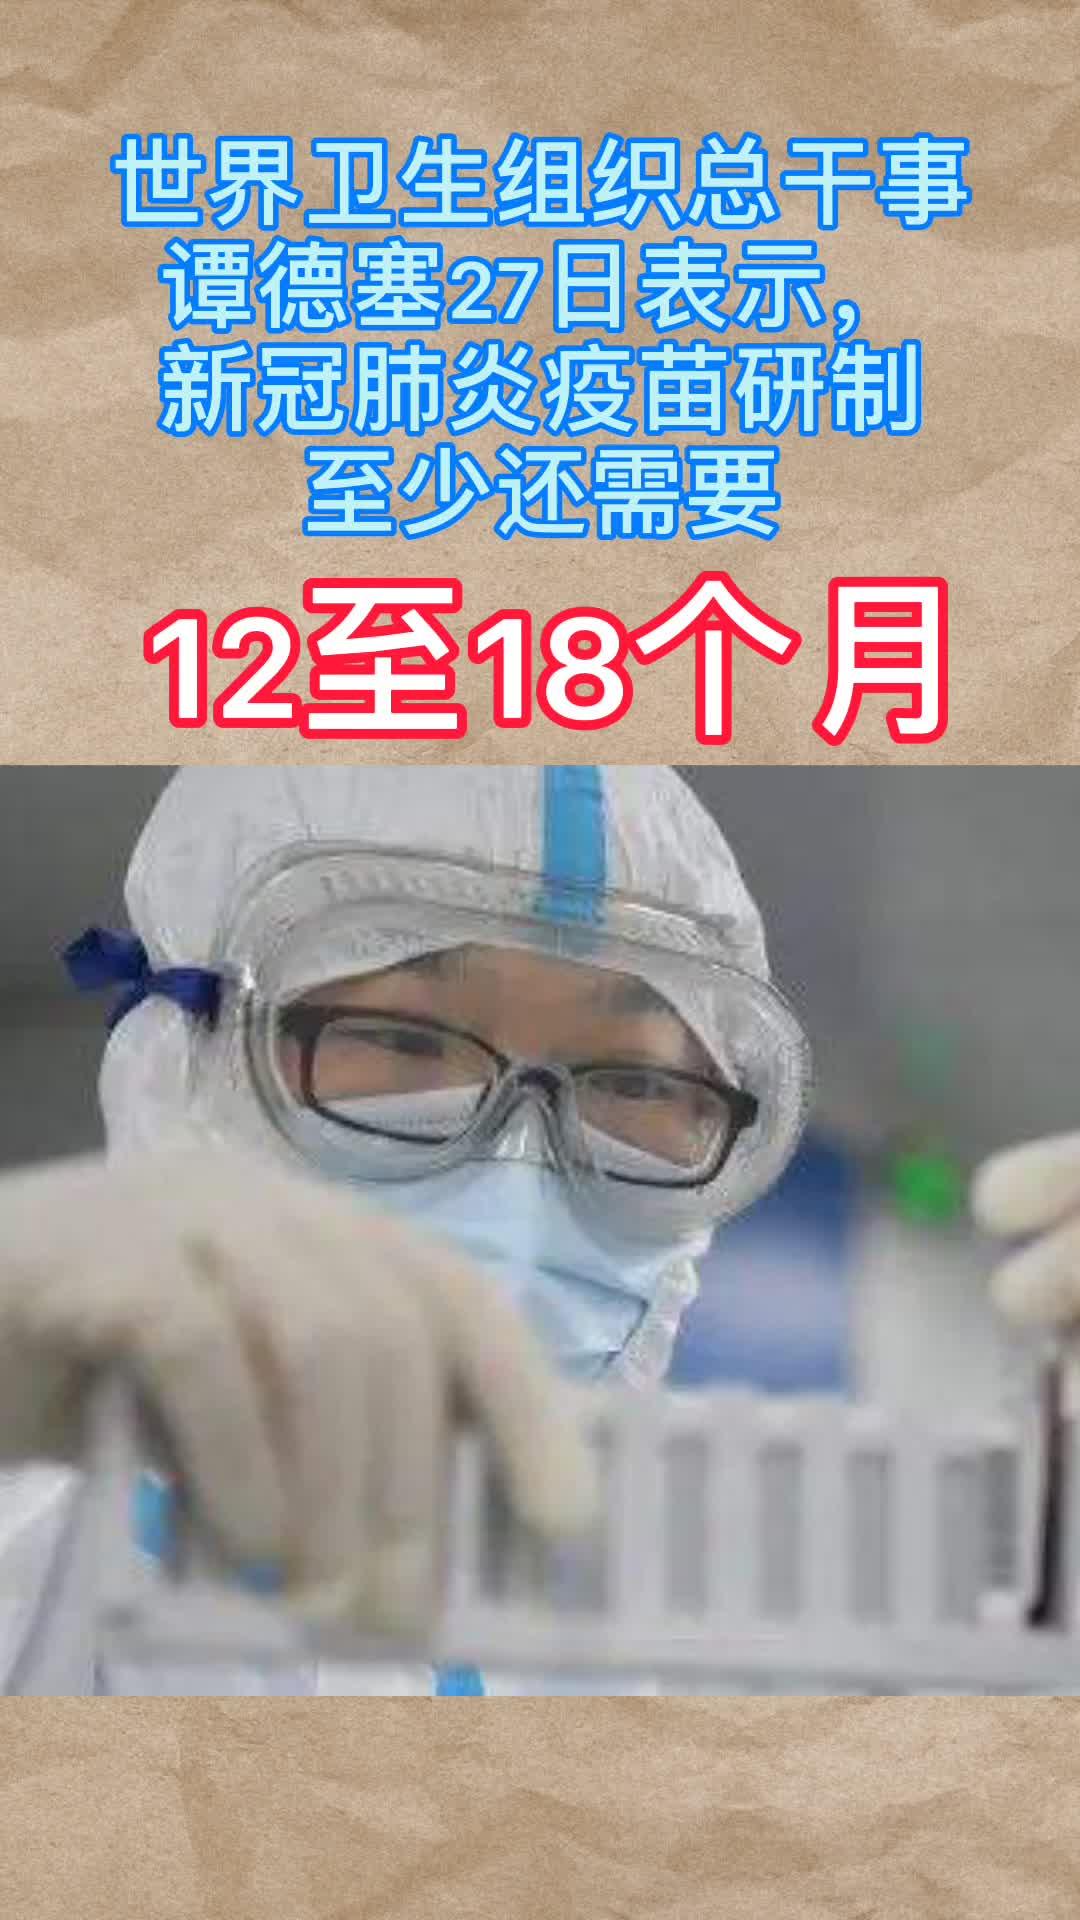 【微视频】世卫组织:新冠肺炎疫苗研制仍需12至18个月